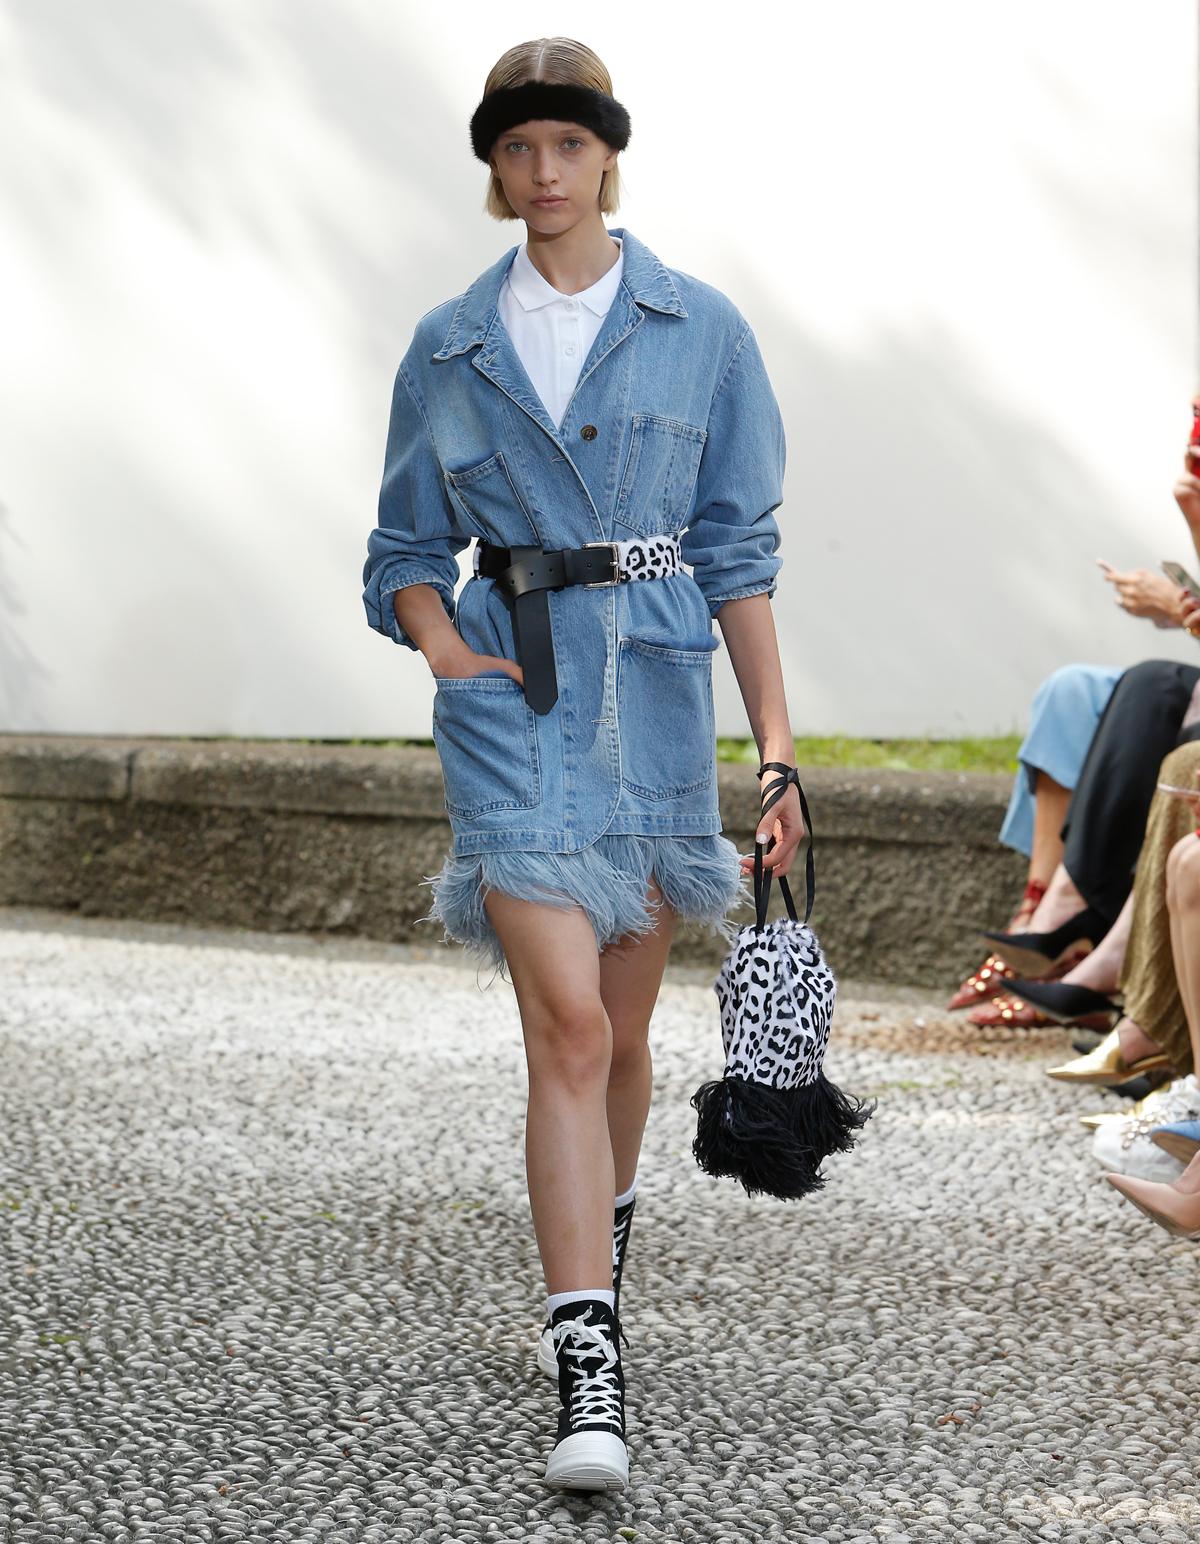 Sport e couture per Simonetta Ravizza - MilanoFinanza.it dcb169698cfd